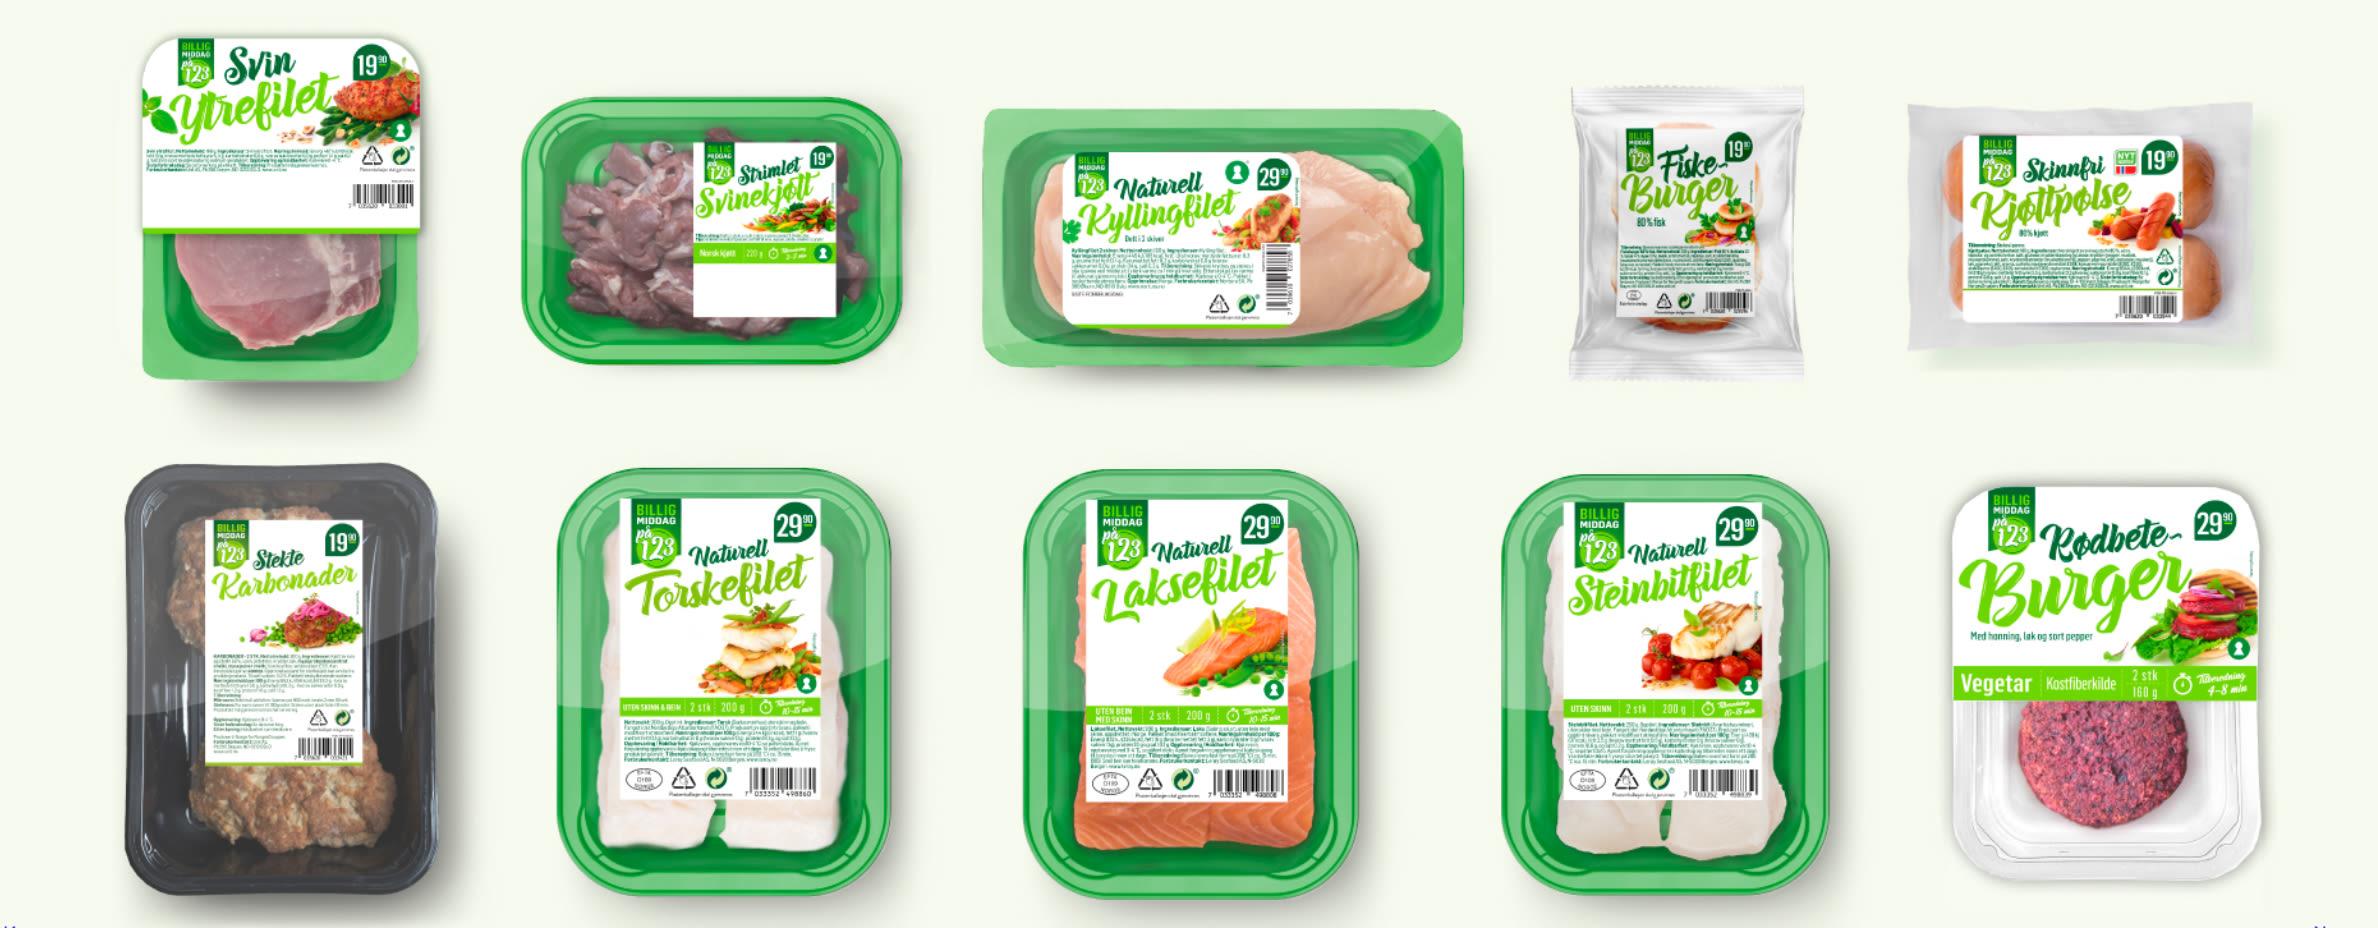 Lager du middag til kun deg selv? I Middag for én-serien finnes det for eksempel flere varianter av magert kjøtt, som svinefilet, strimlet svin og kylling.